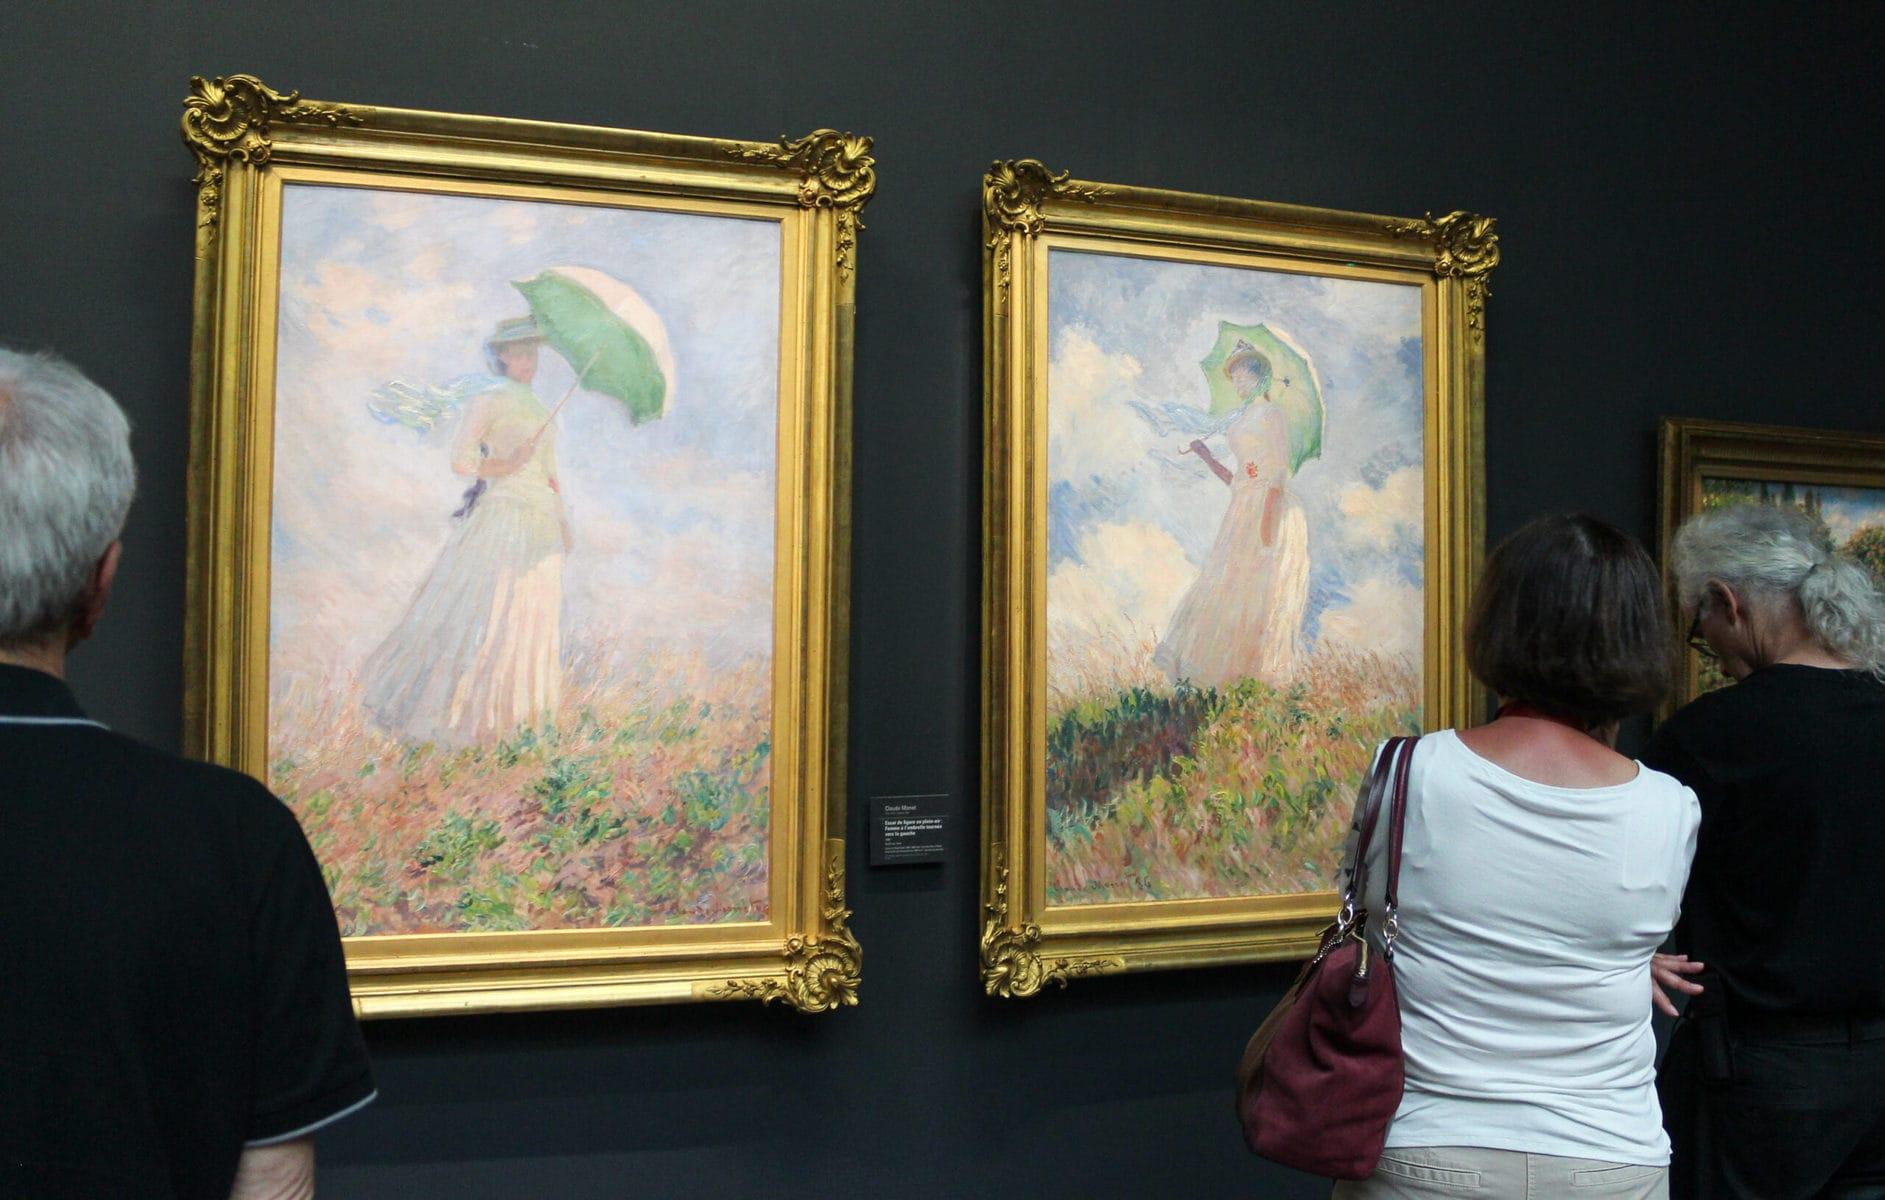 Claude Monet, Studie einer Figur im Freien: Frau mit Sonnenschirm nach rechts gedreht, 1886, Öl auf Leinwand, 130,50 x 89,30 cm, Musée d'Orsay, Paris & Claude Monet, Studie einer Figur im Freien: Frau mit Sonnenschirm nach links gedreht, 1886, Öl auf Leinwand, 131,00 x 88,70 cm, Musée d'Orsay, Paris